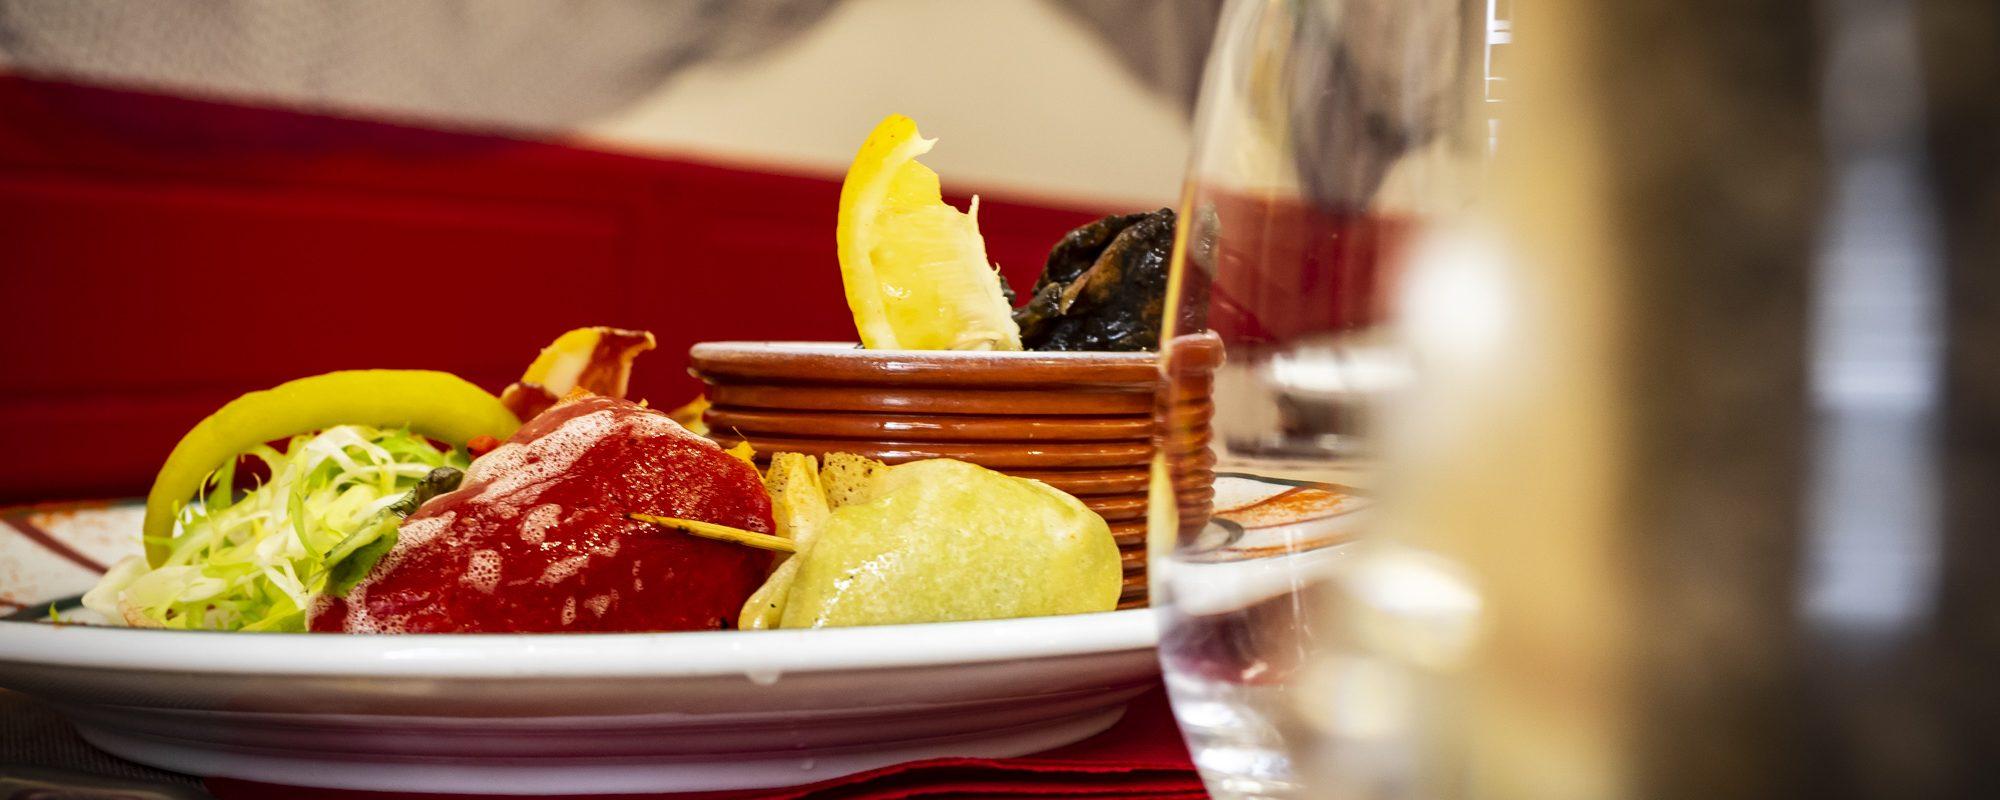 Restaurant - Pil Pil Enea - Saint-Jean-de-Luz (10 sur 39)